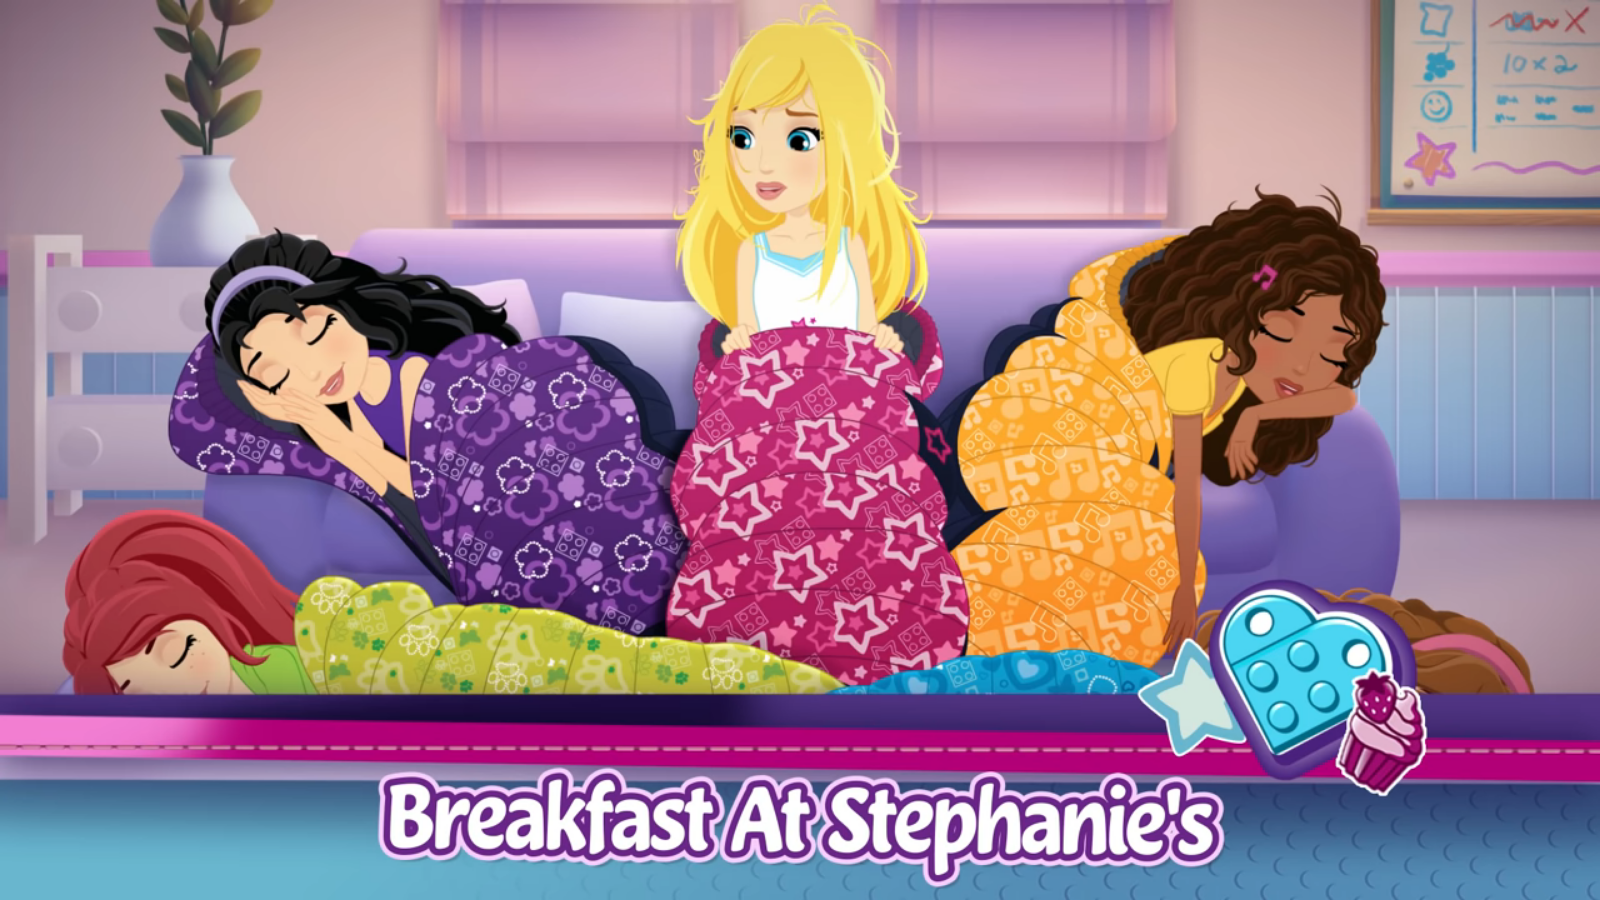 Breakfast At Stephanies Lego Friends Wiki Fandom Powered By Wikia